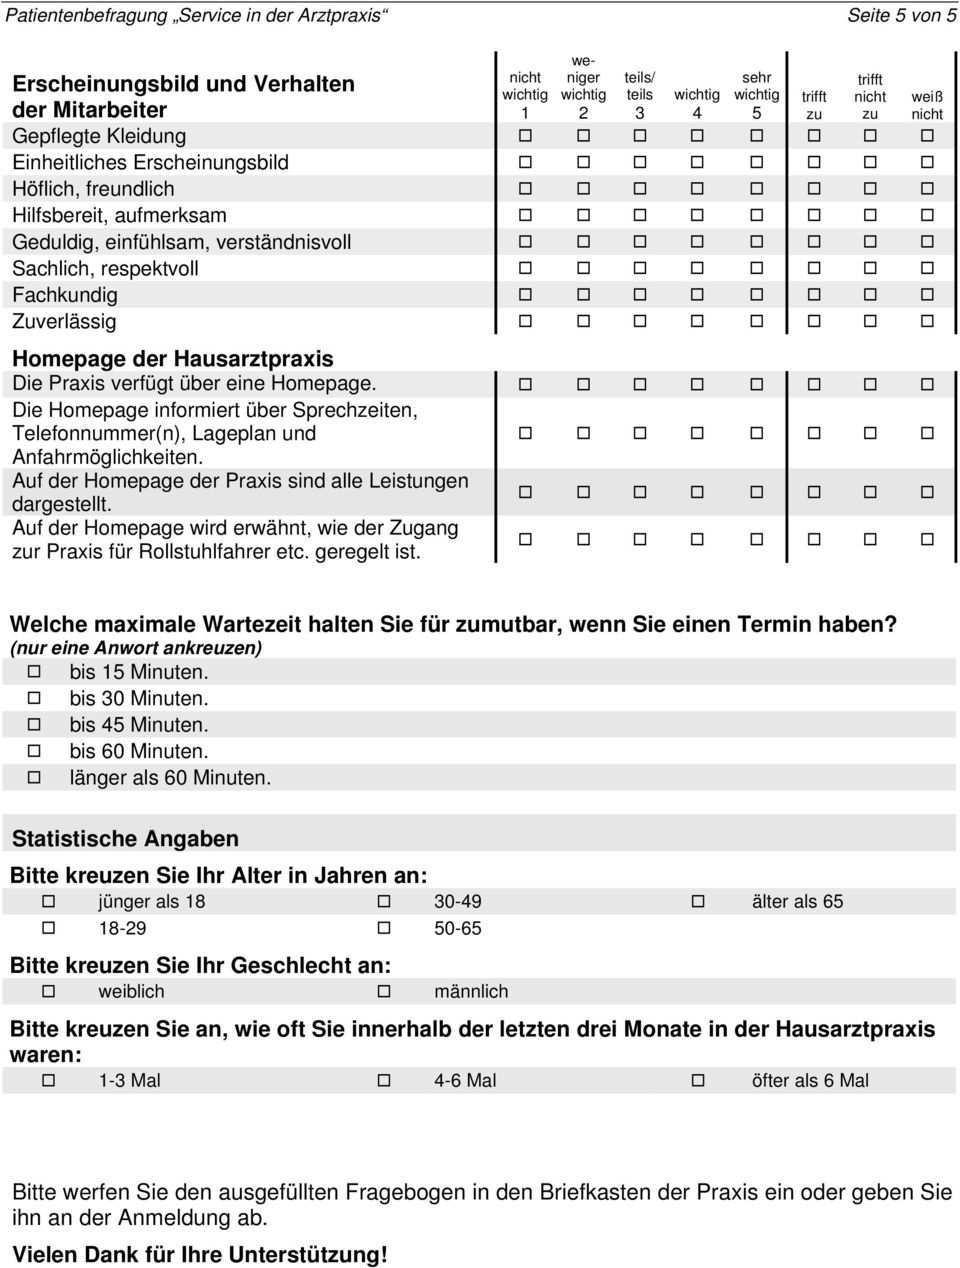 Patientenbefragung Zum Service In Der Arztpraxis Pdf Kostenfreier Download